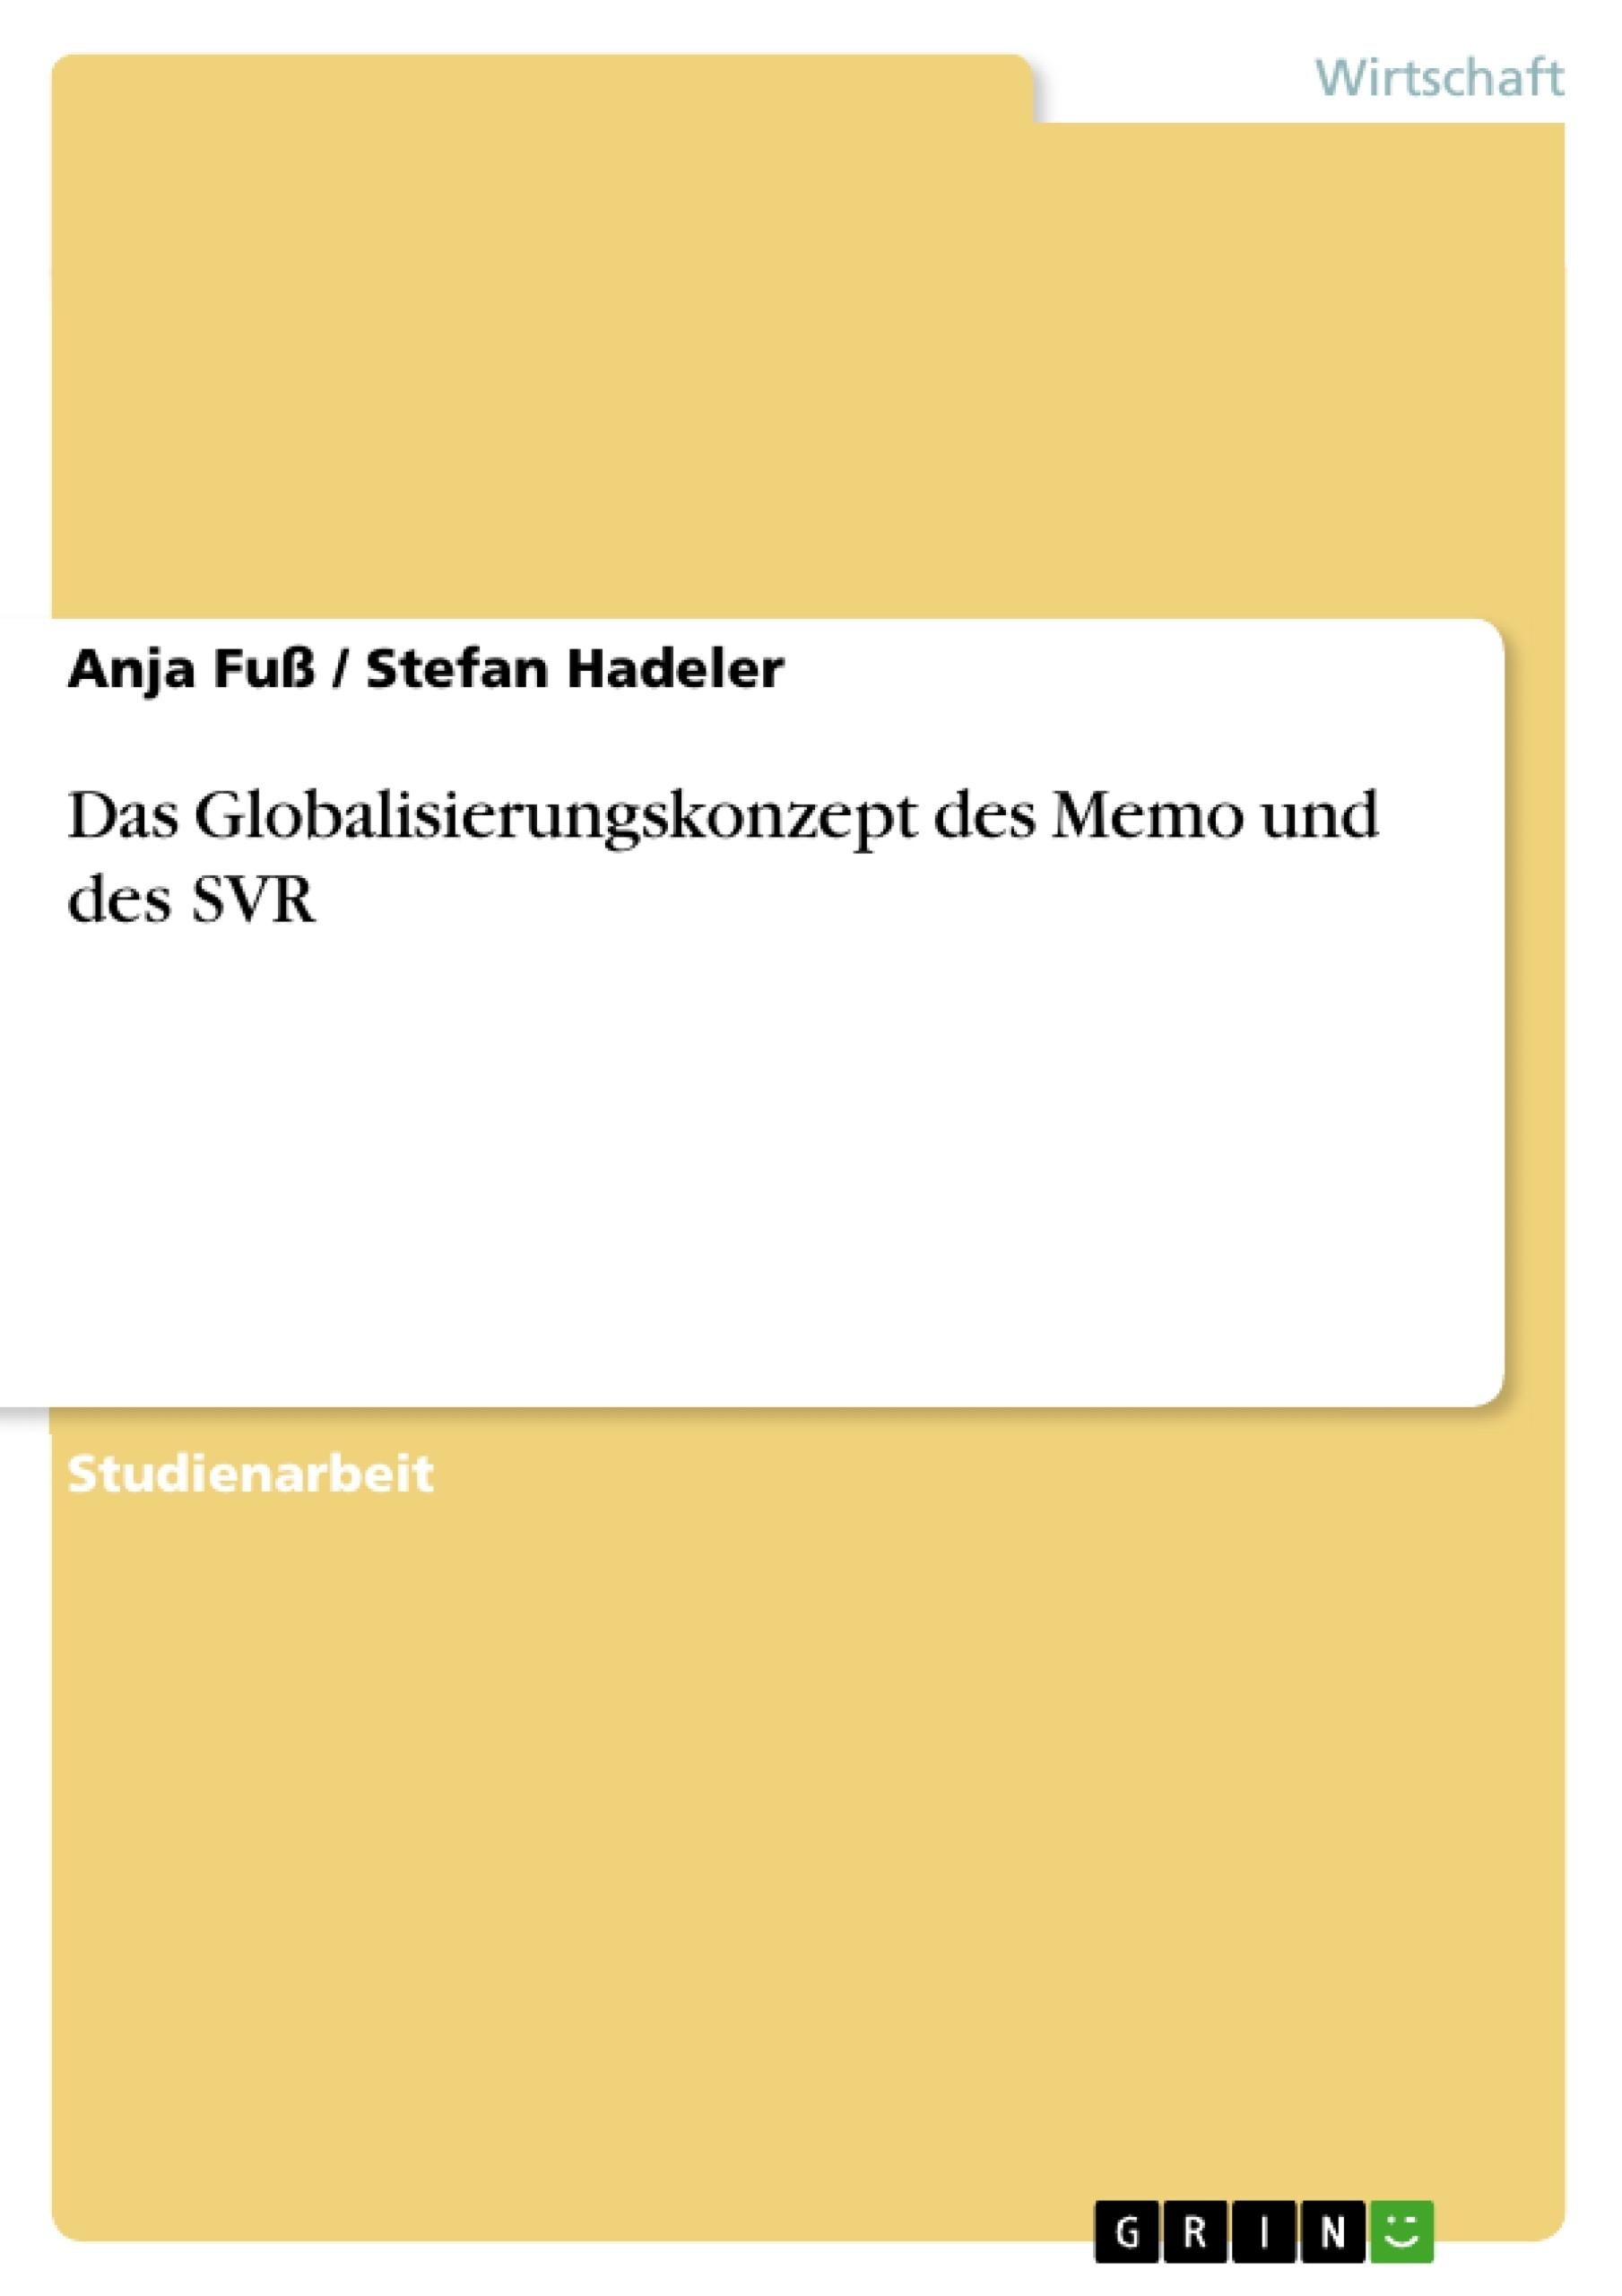 Titel: Das Globalisierungskonzept des Memo und des SVR